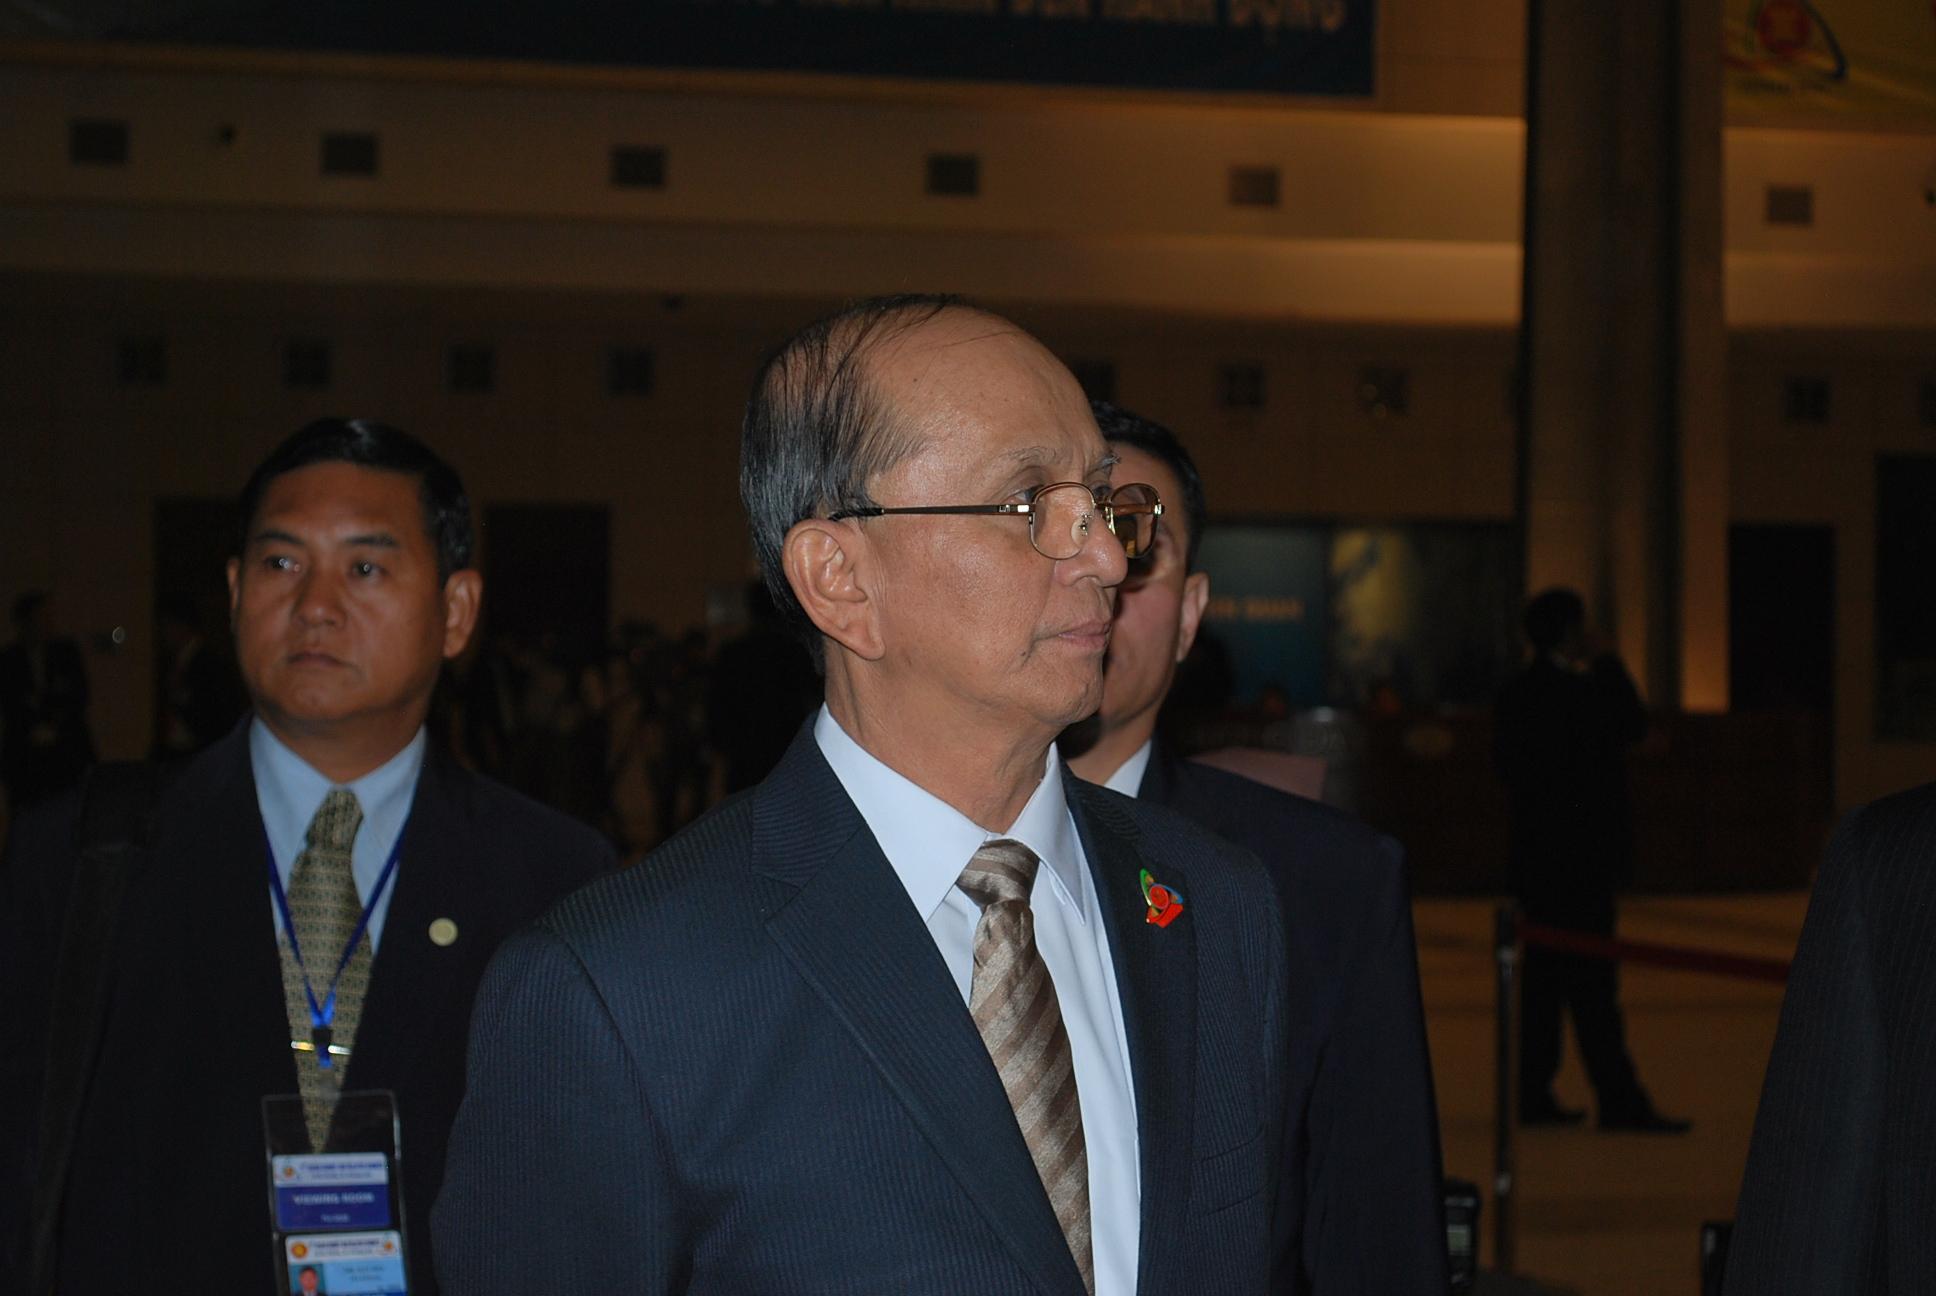 Burmese PM Thein Sein at the recent ASEAN summit in Hanoi (Photo: Simon Roughneen)